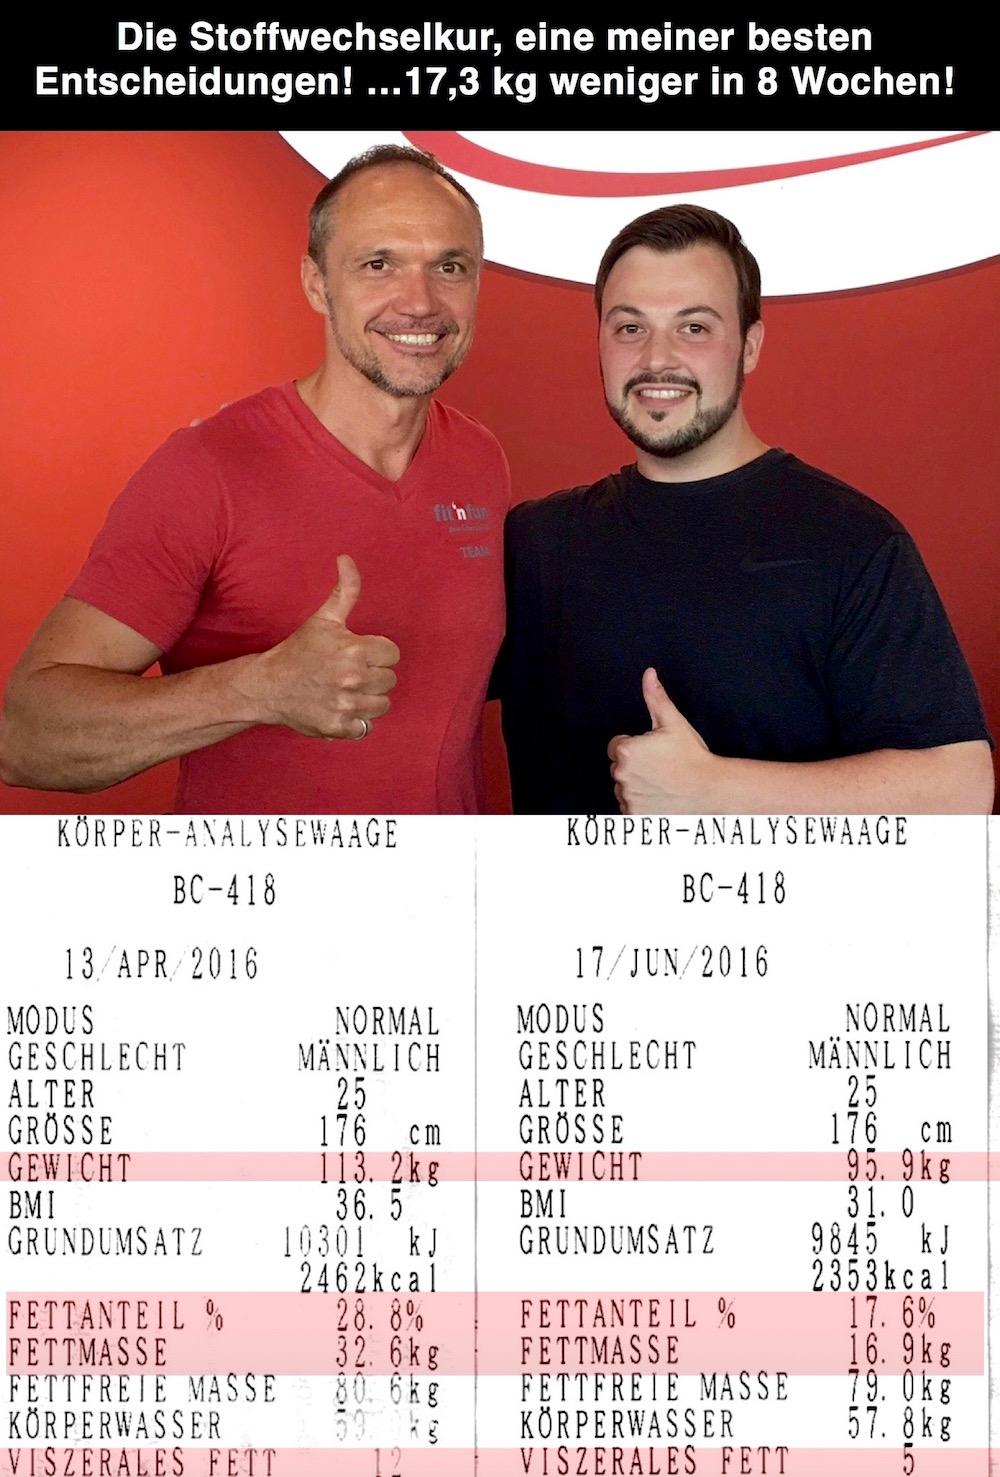 gewicht nach alter und größe